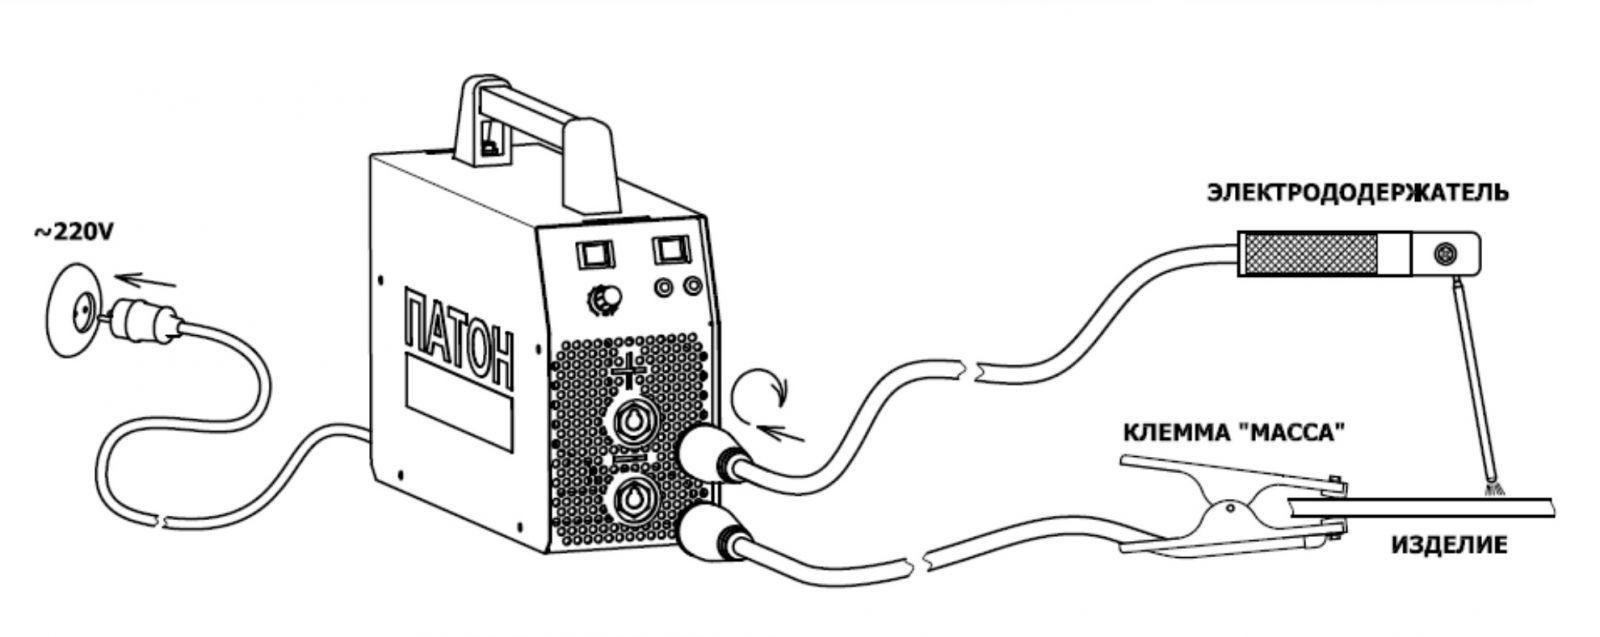 Схема подключения сварочного аппарата